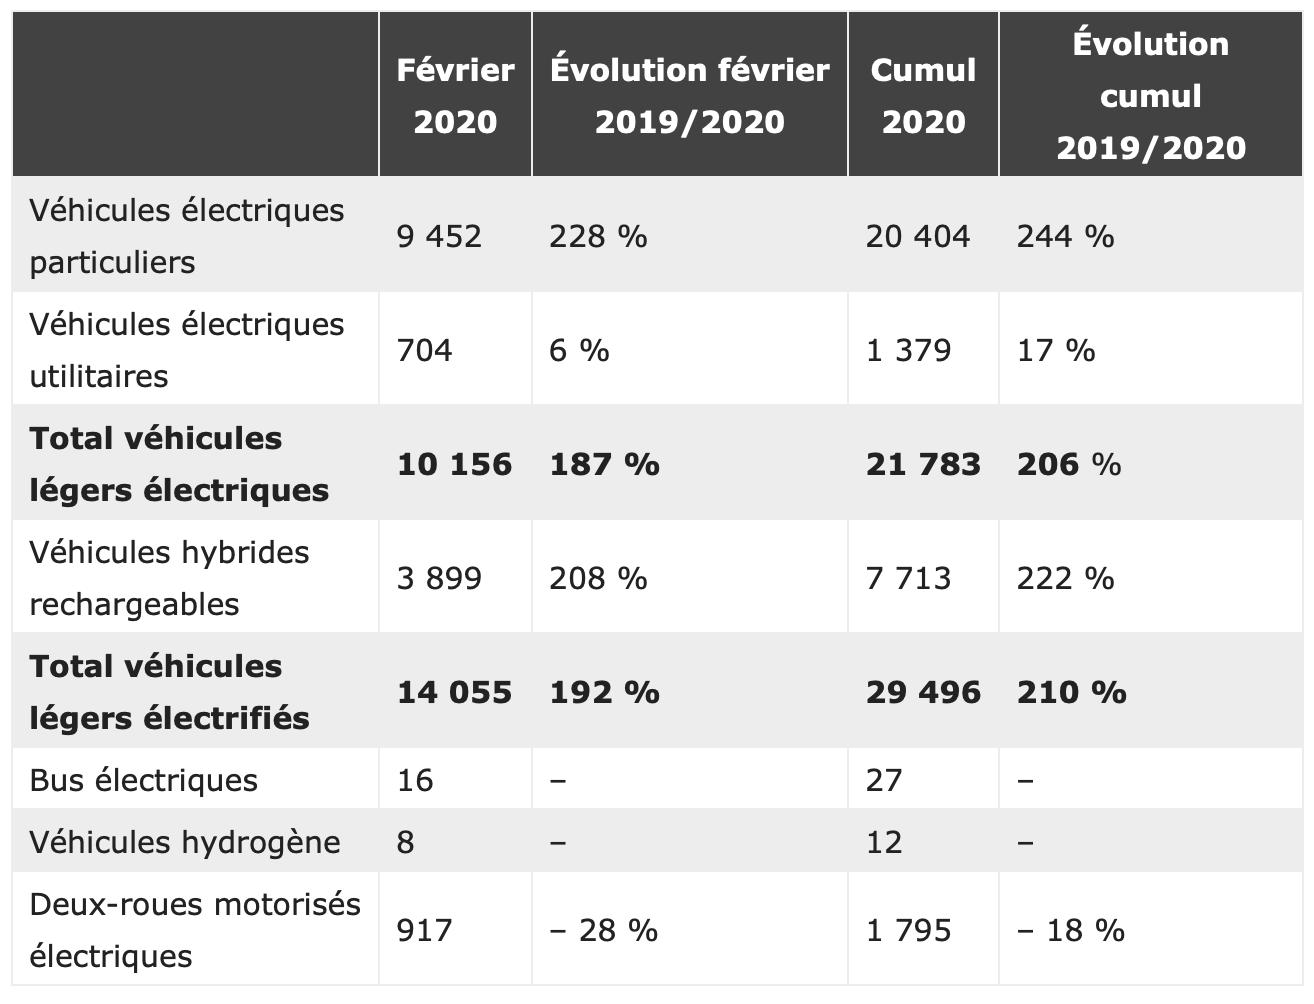 Vente des véhicules électriques en février 2020